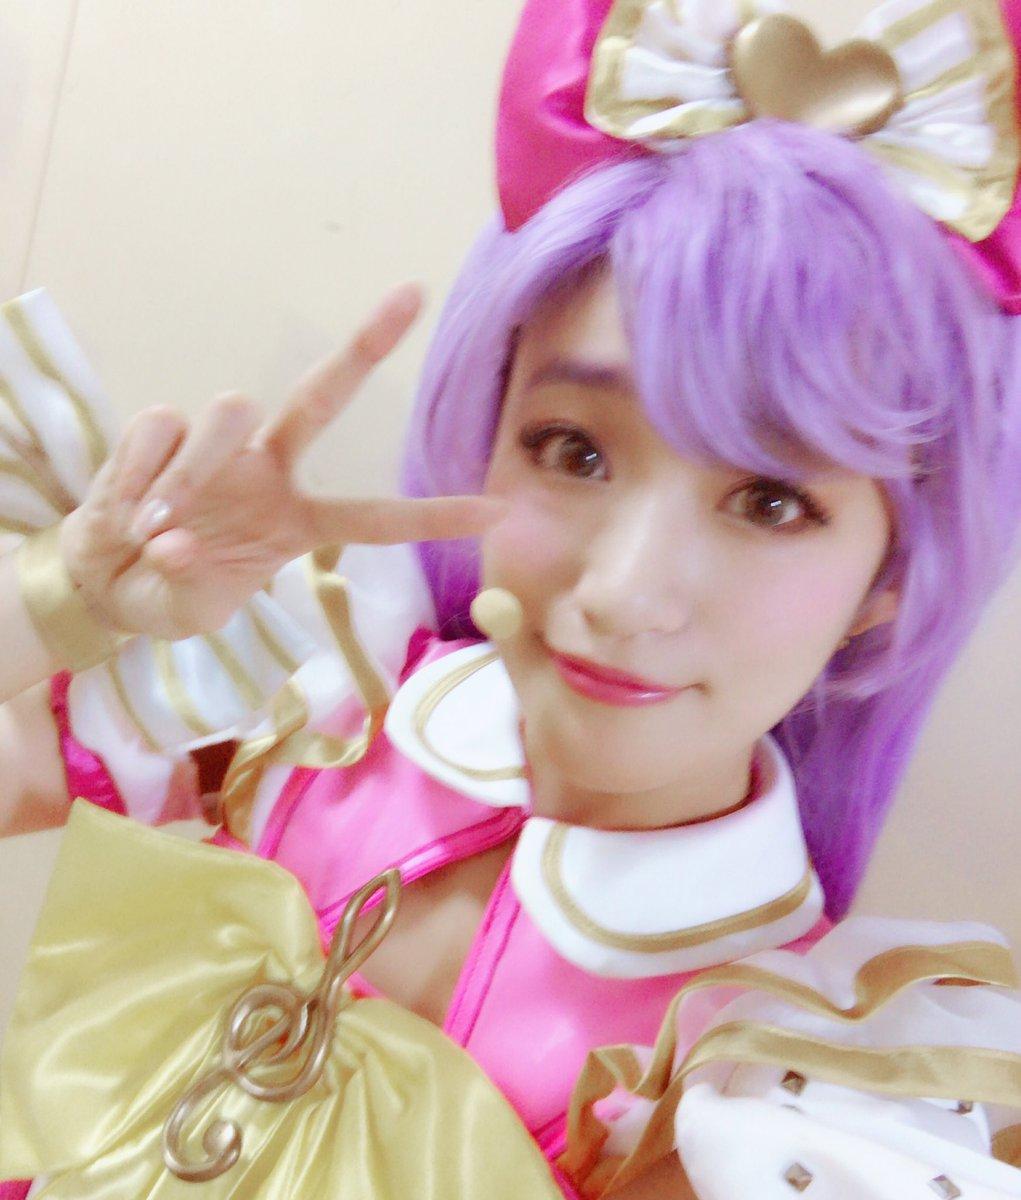 かしこまっ!千秋楽もみんなで楽しもうね💕あたしのサイリウムは、ピンクだよ〜!  #プリミュ